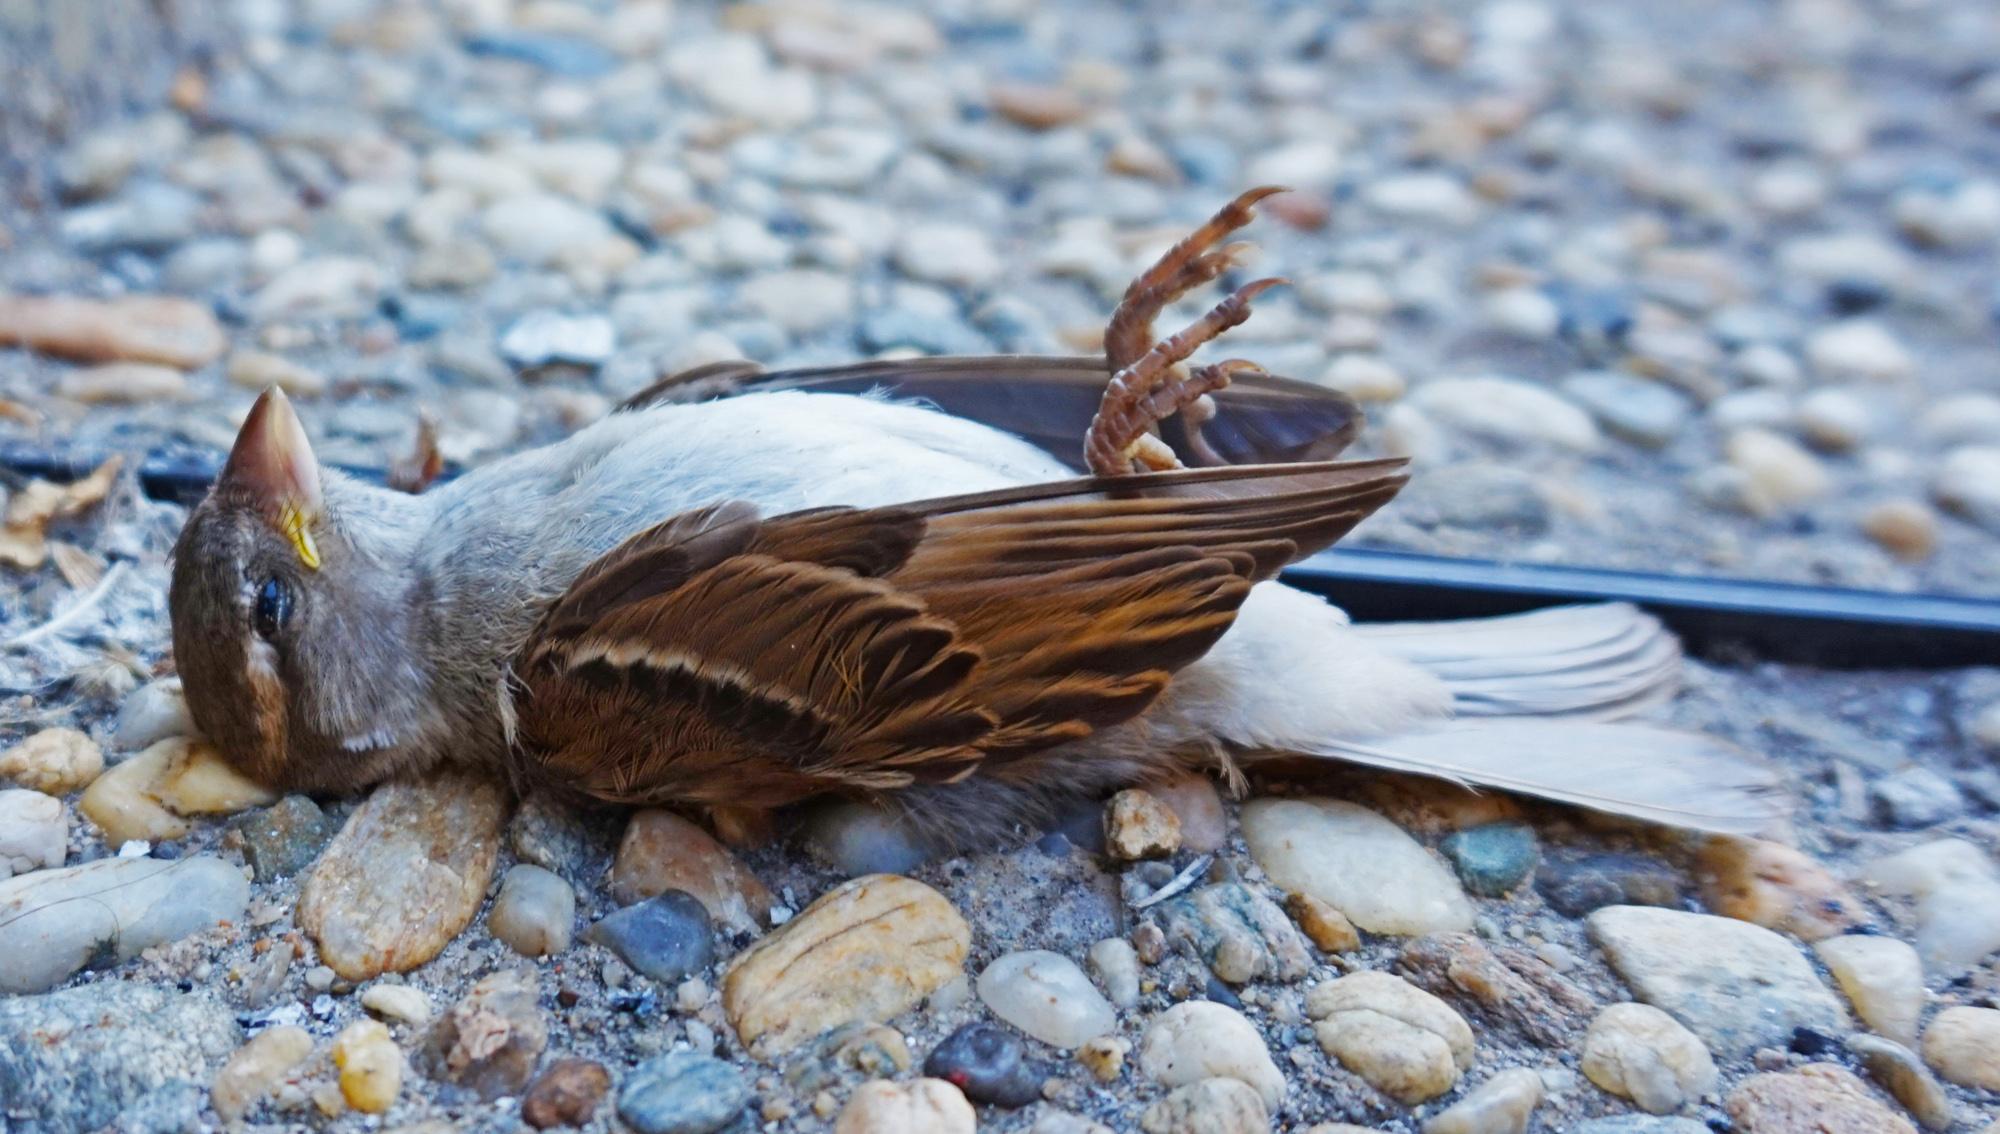 Dead Bird in Bucharest | Wikimedia Commons Licence